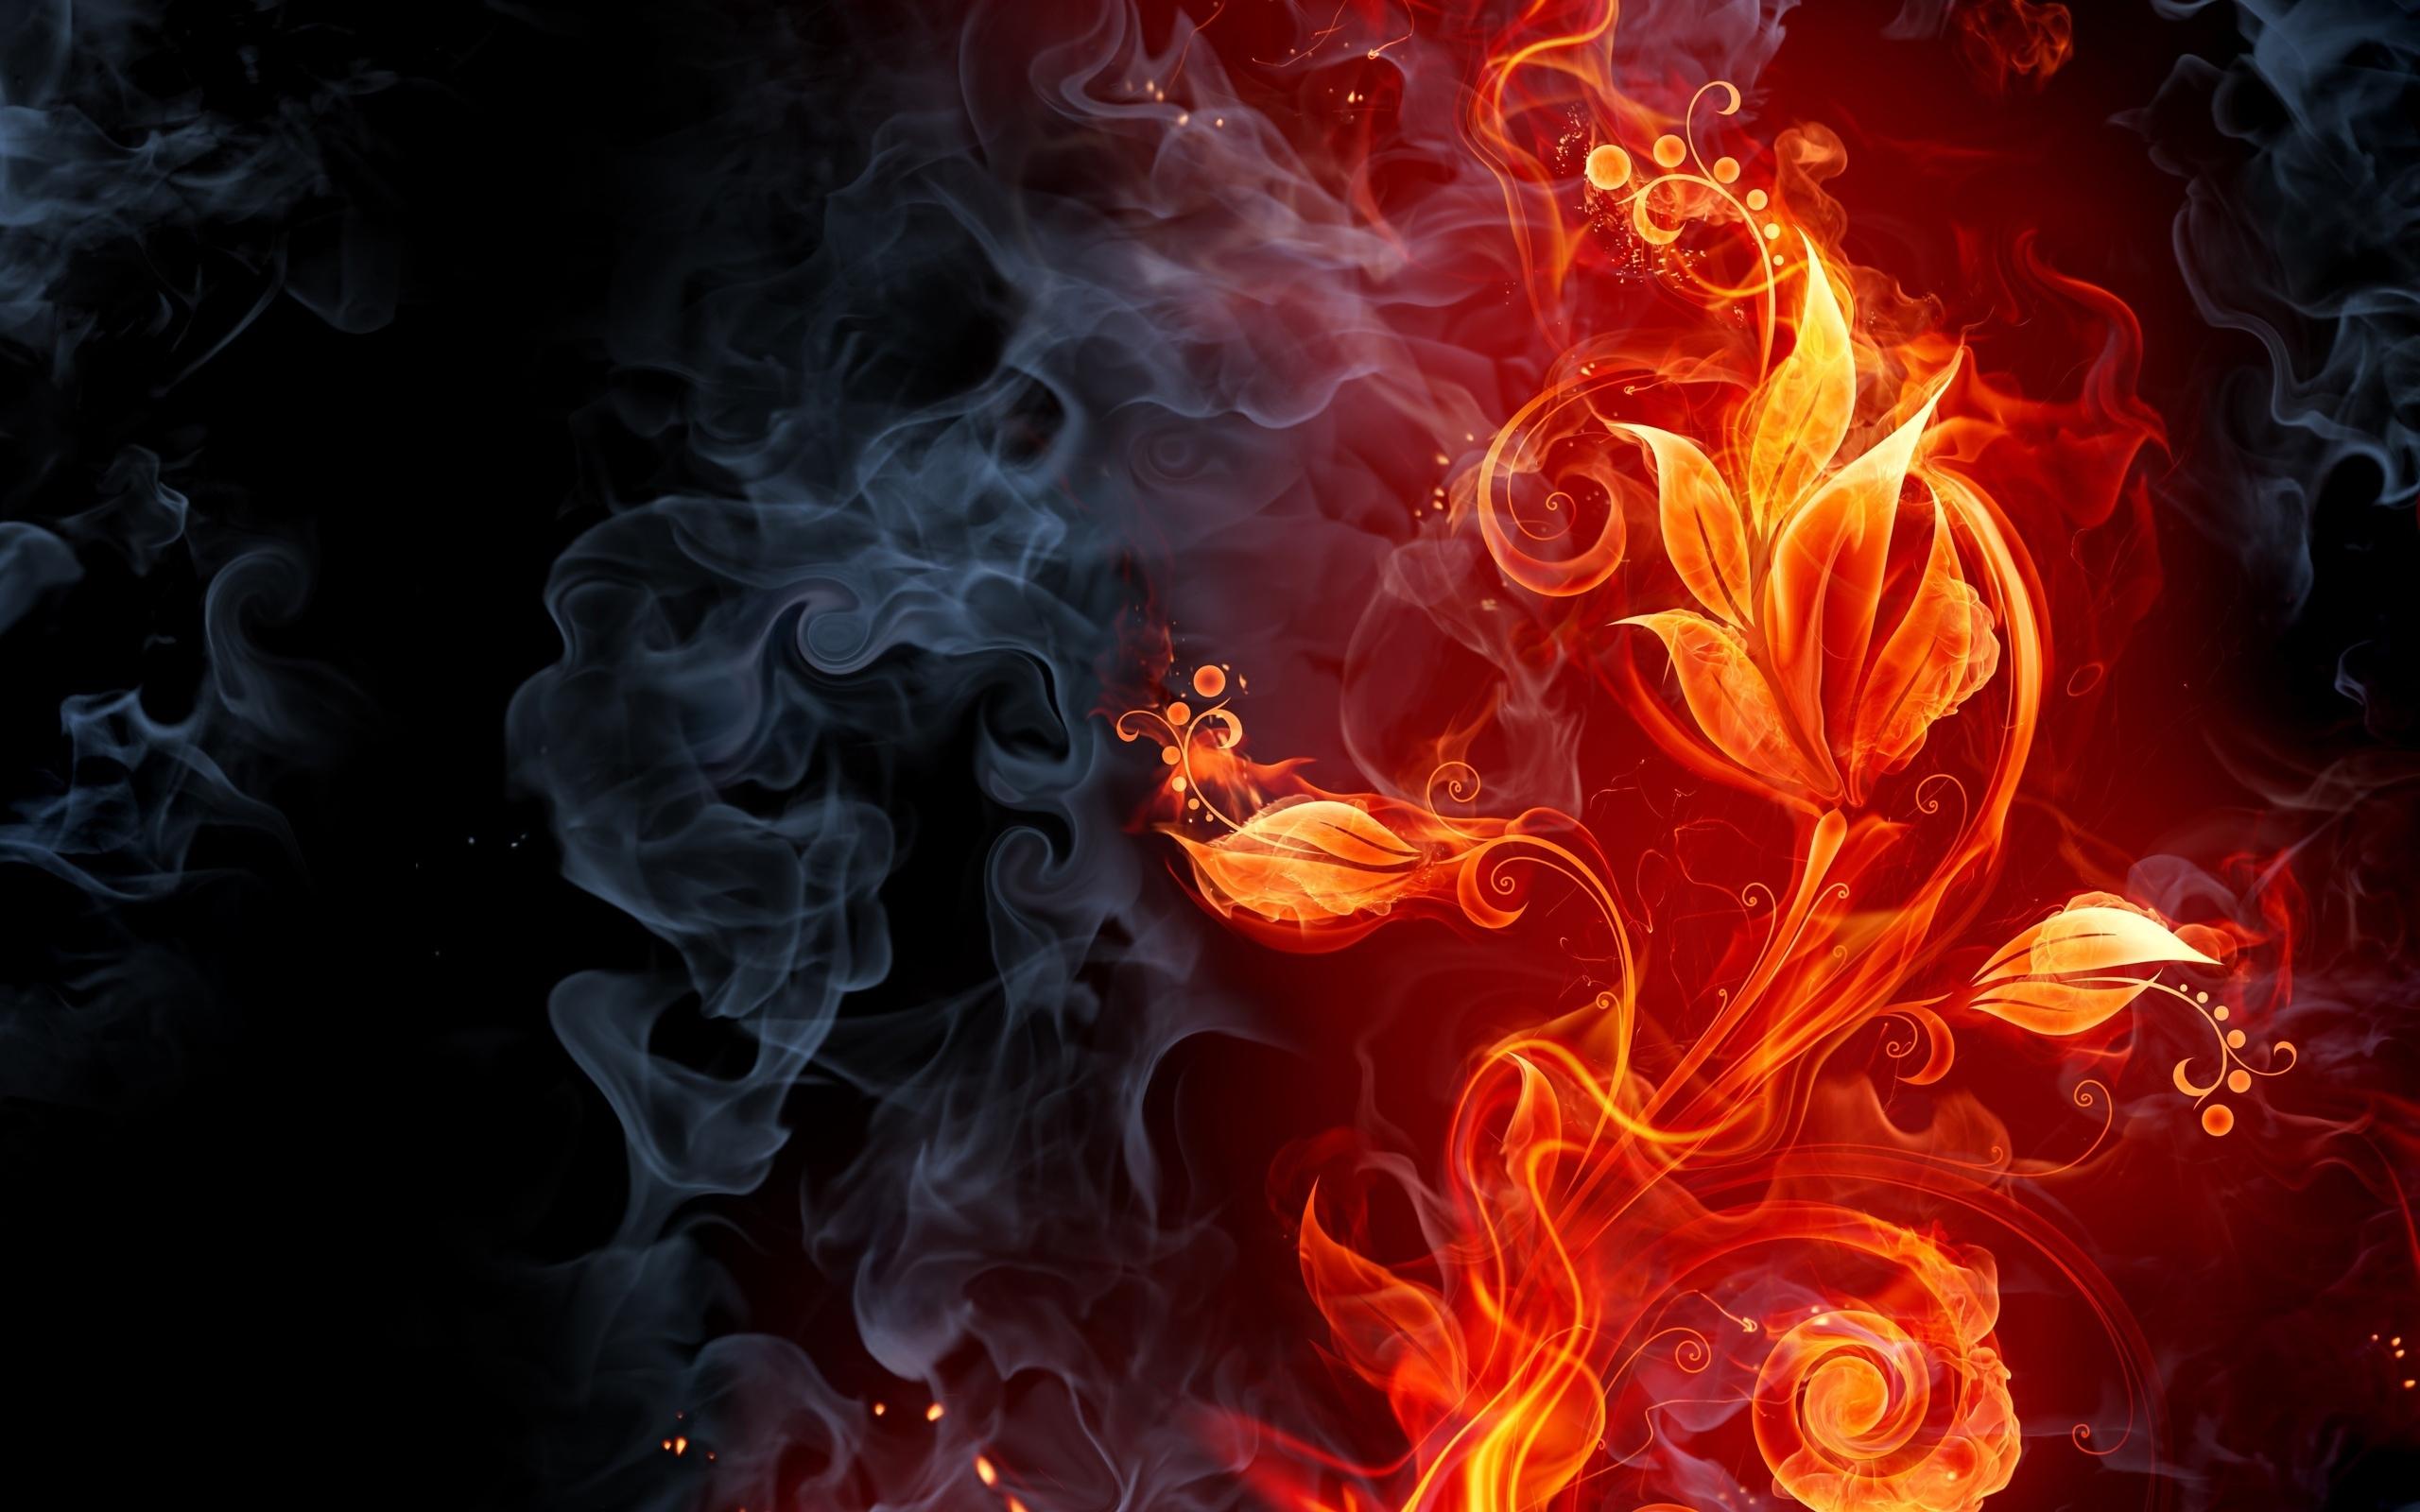 免費壁紙21641:花卉, 背景, 火, 吸烟 下載手機圖片